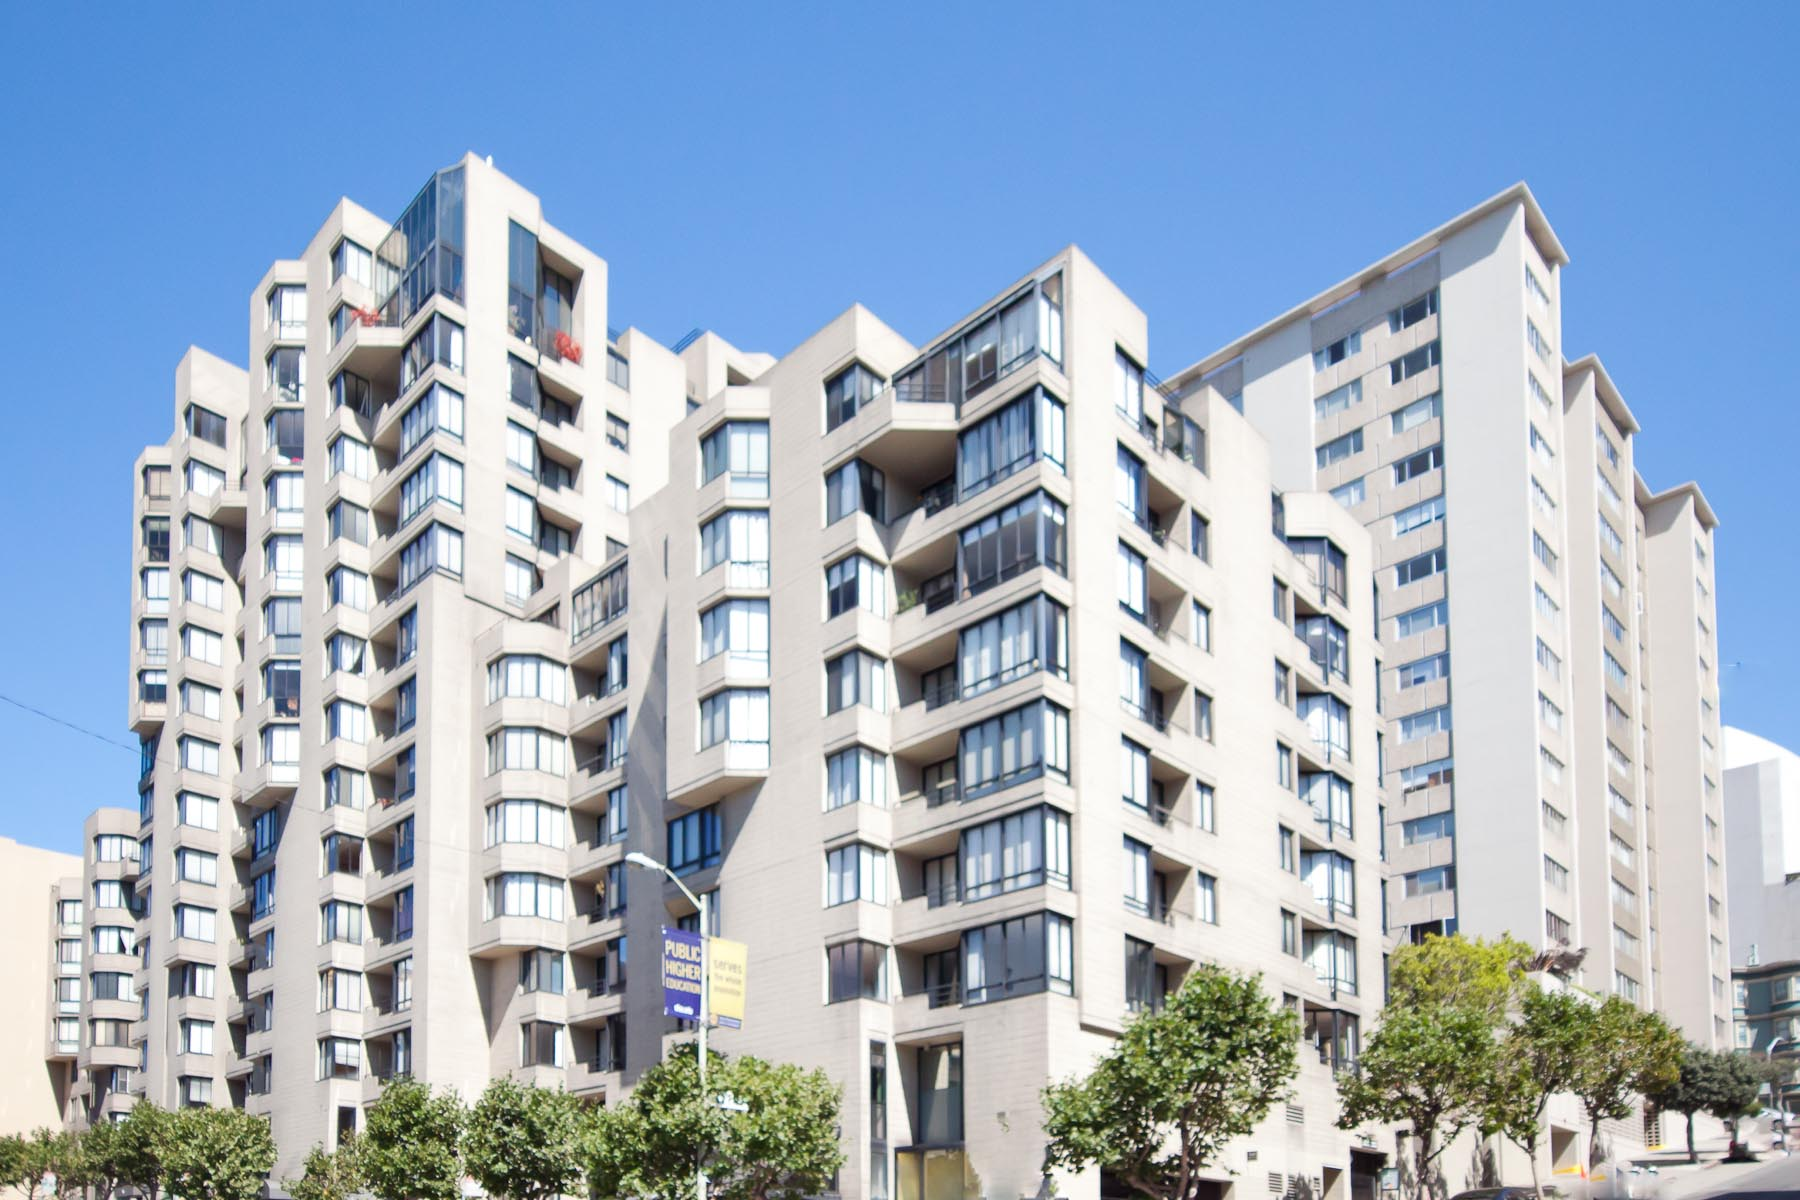 Sold at $660,000<strong>900 Bush Street #817, San Francisco</strong>